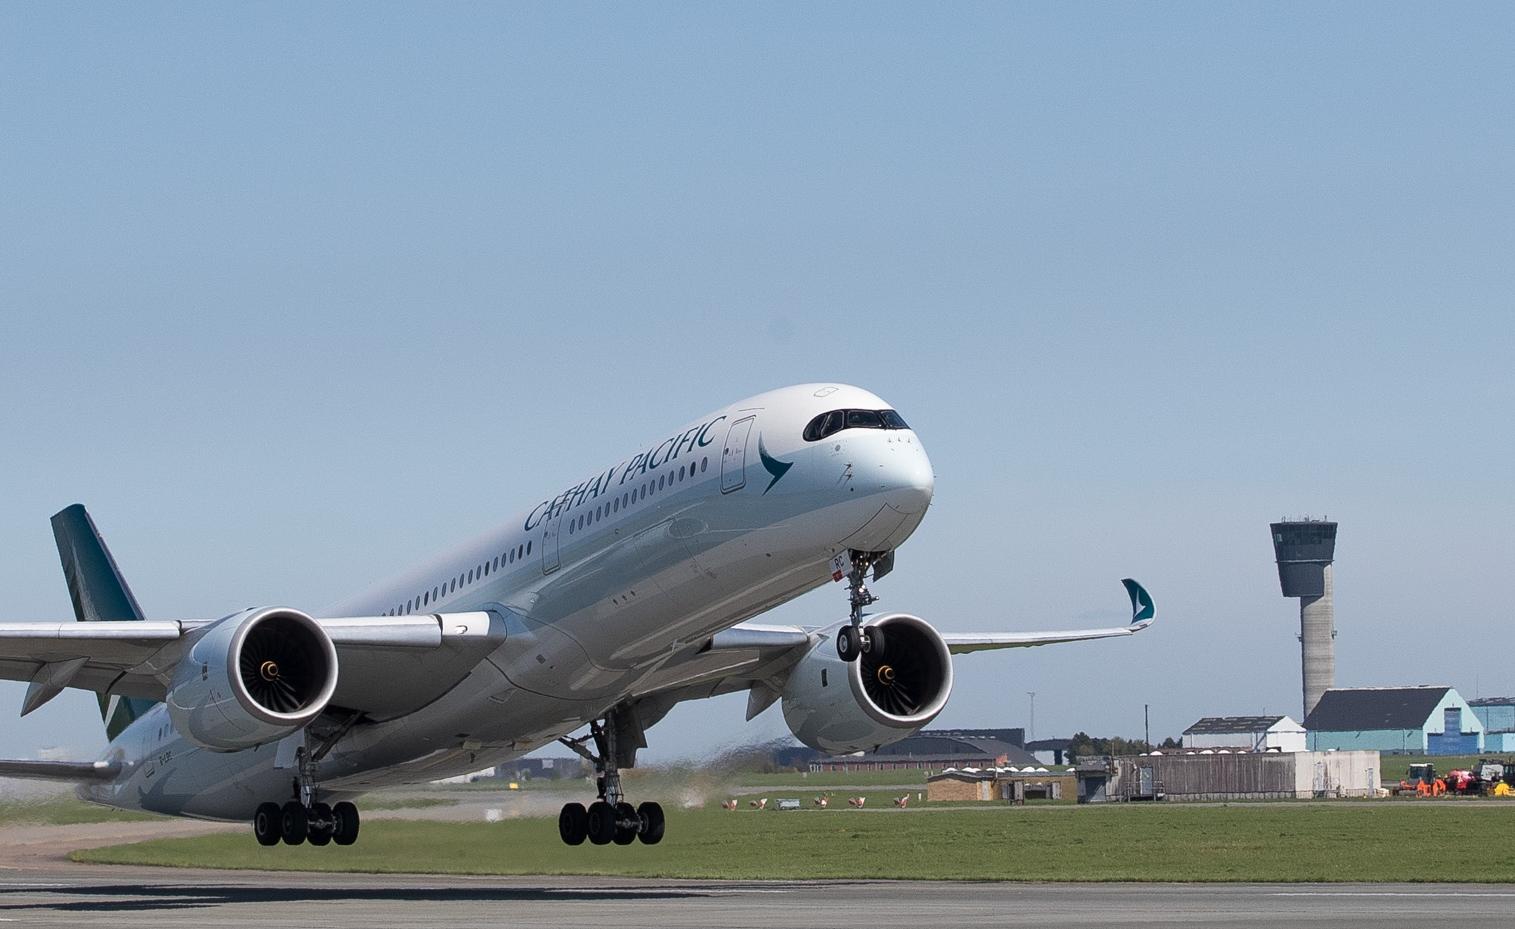 Københavns Lufthavns seneste langrute åbnede onsdag i denne uge, her letter Cathay Pacifics Airbus A350-900 for første gang mod Hong Kong. Foto: Ernst Tobisch for Københavns Lufthavn.